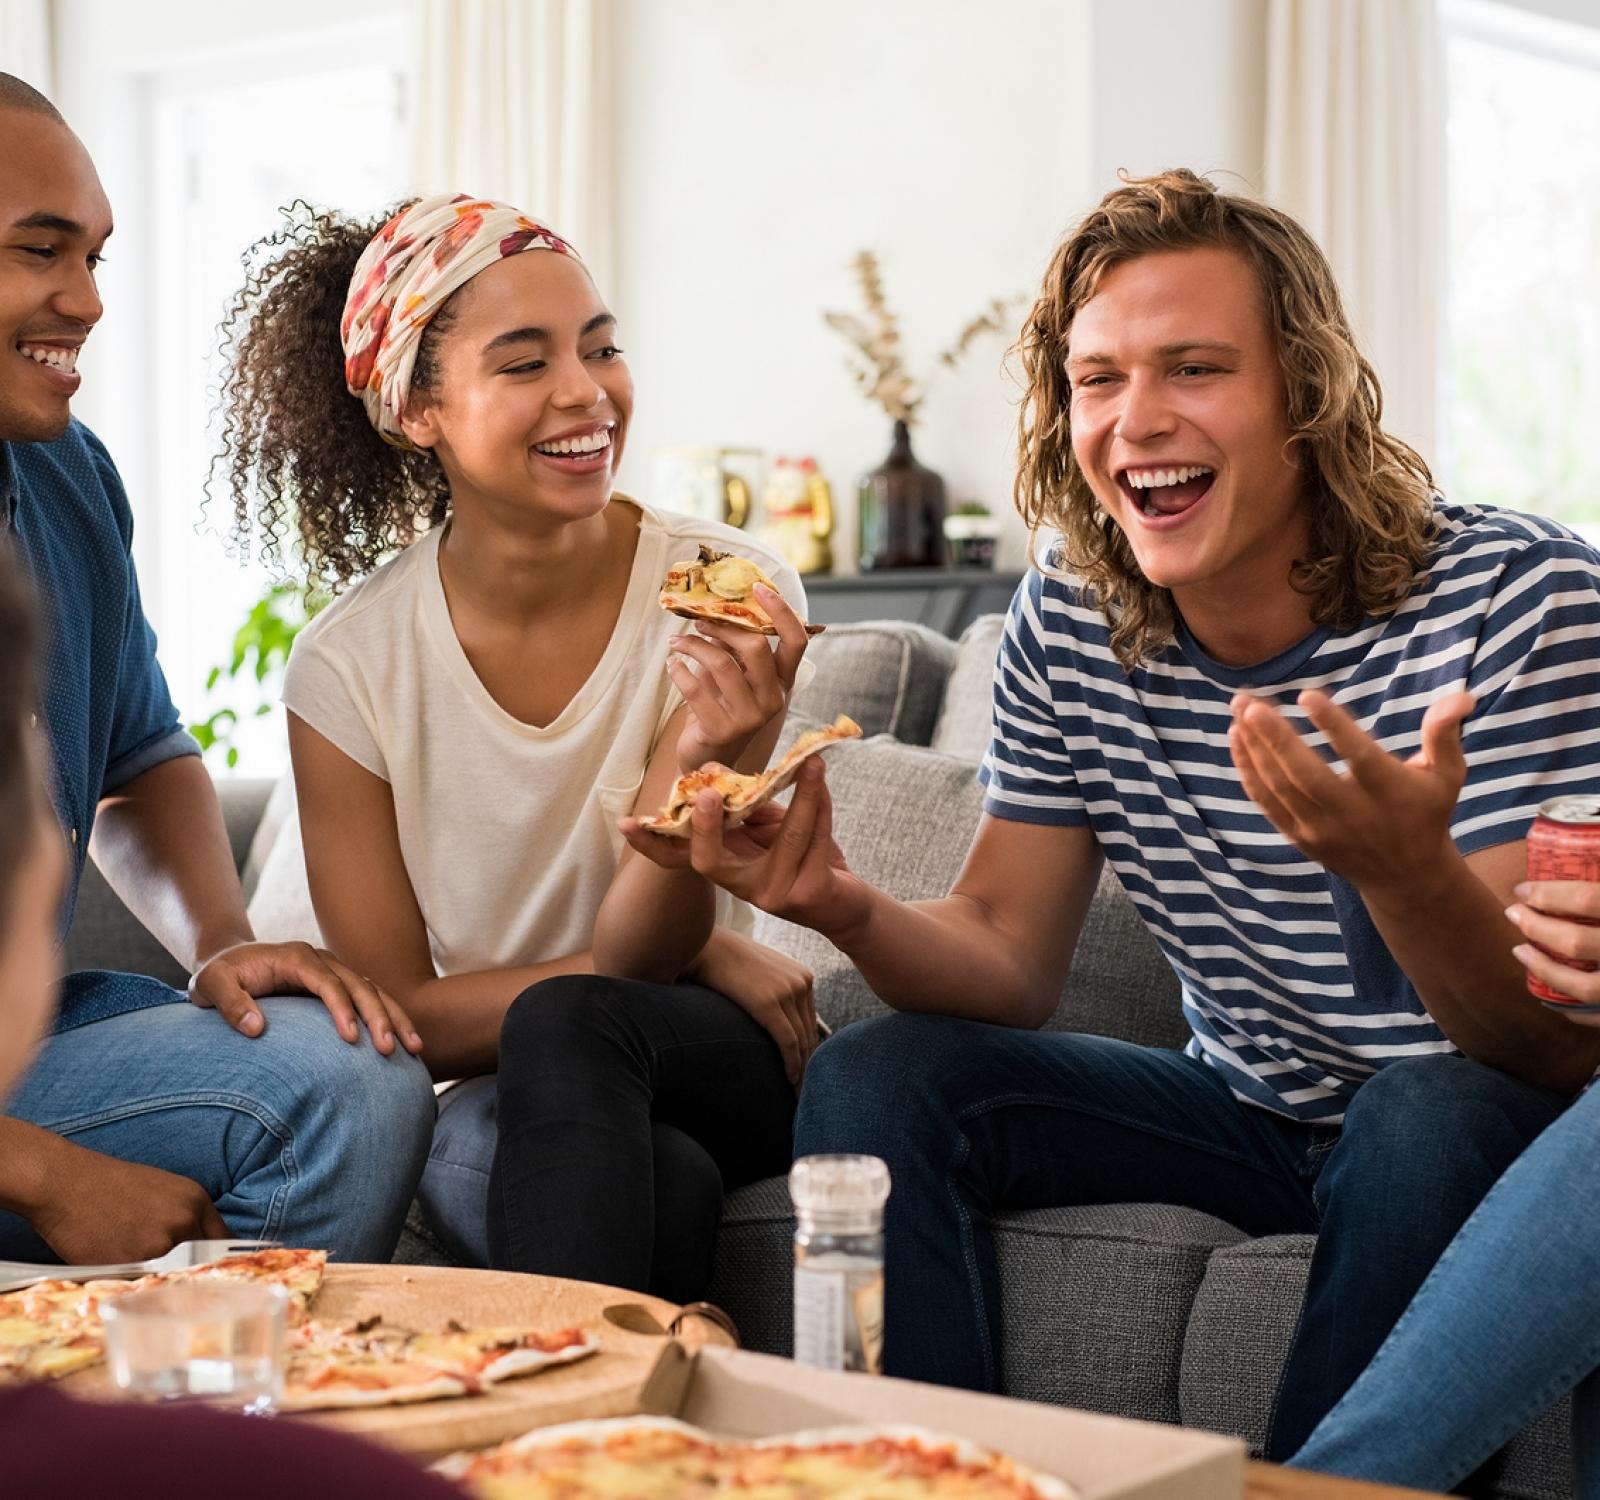 Amore e Amicizia e pizza party at home.